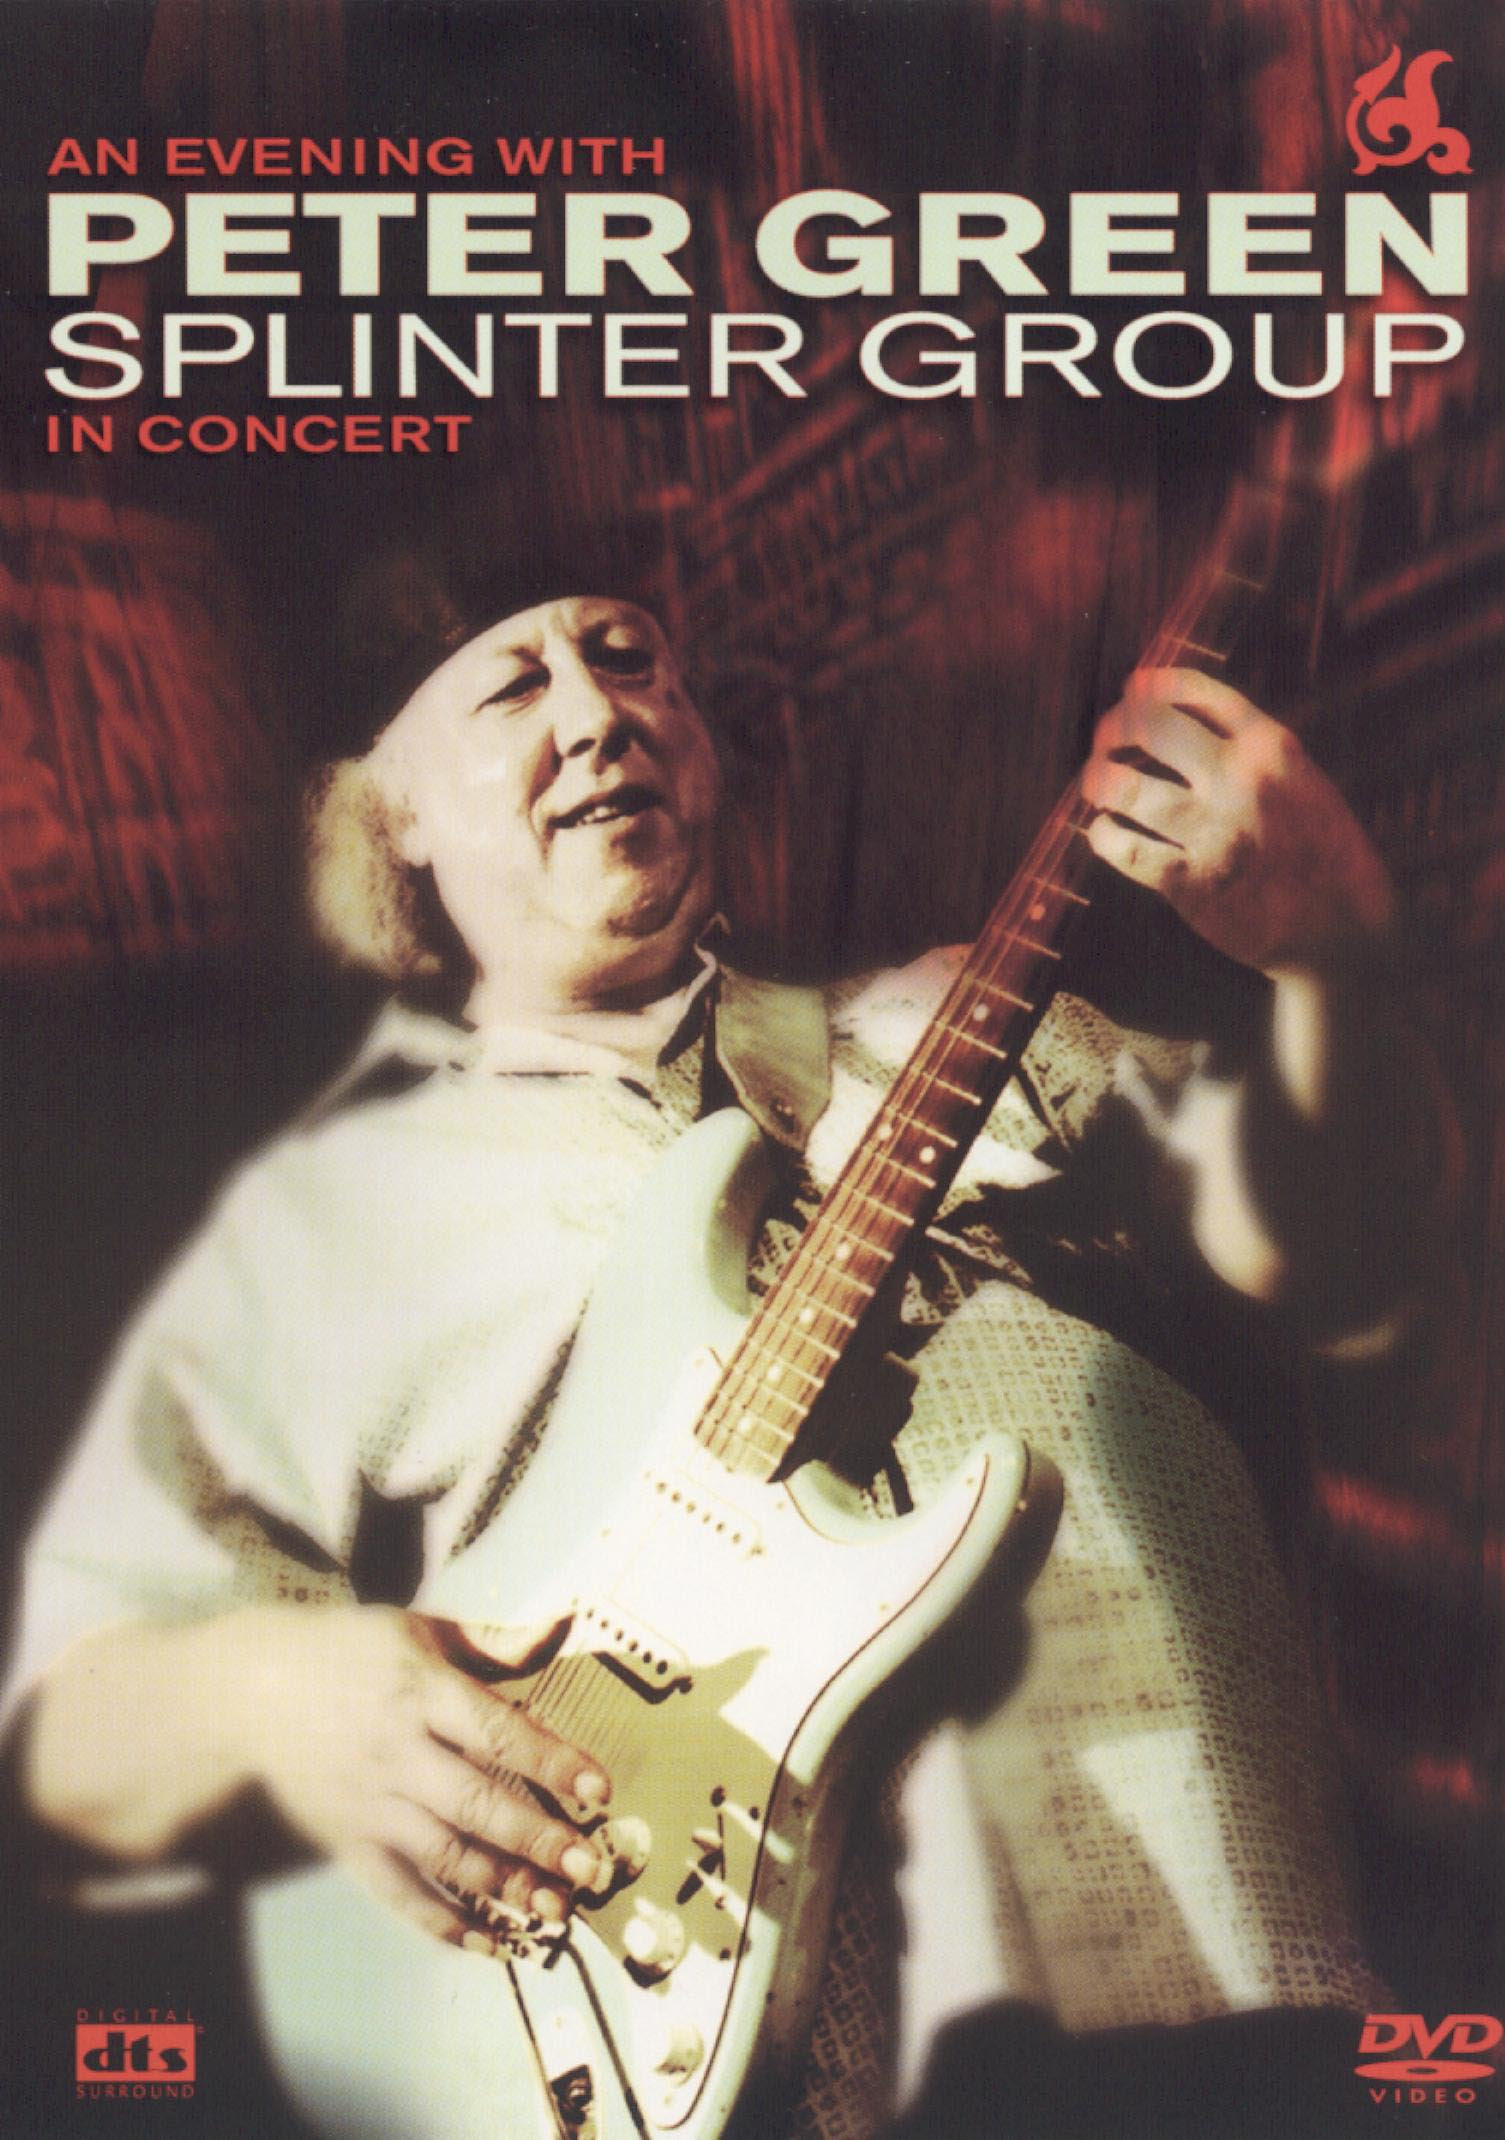 Peter Green: An Evening with Peter Green Splinter Group in Concert